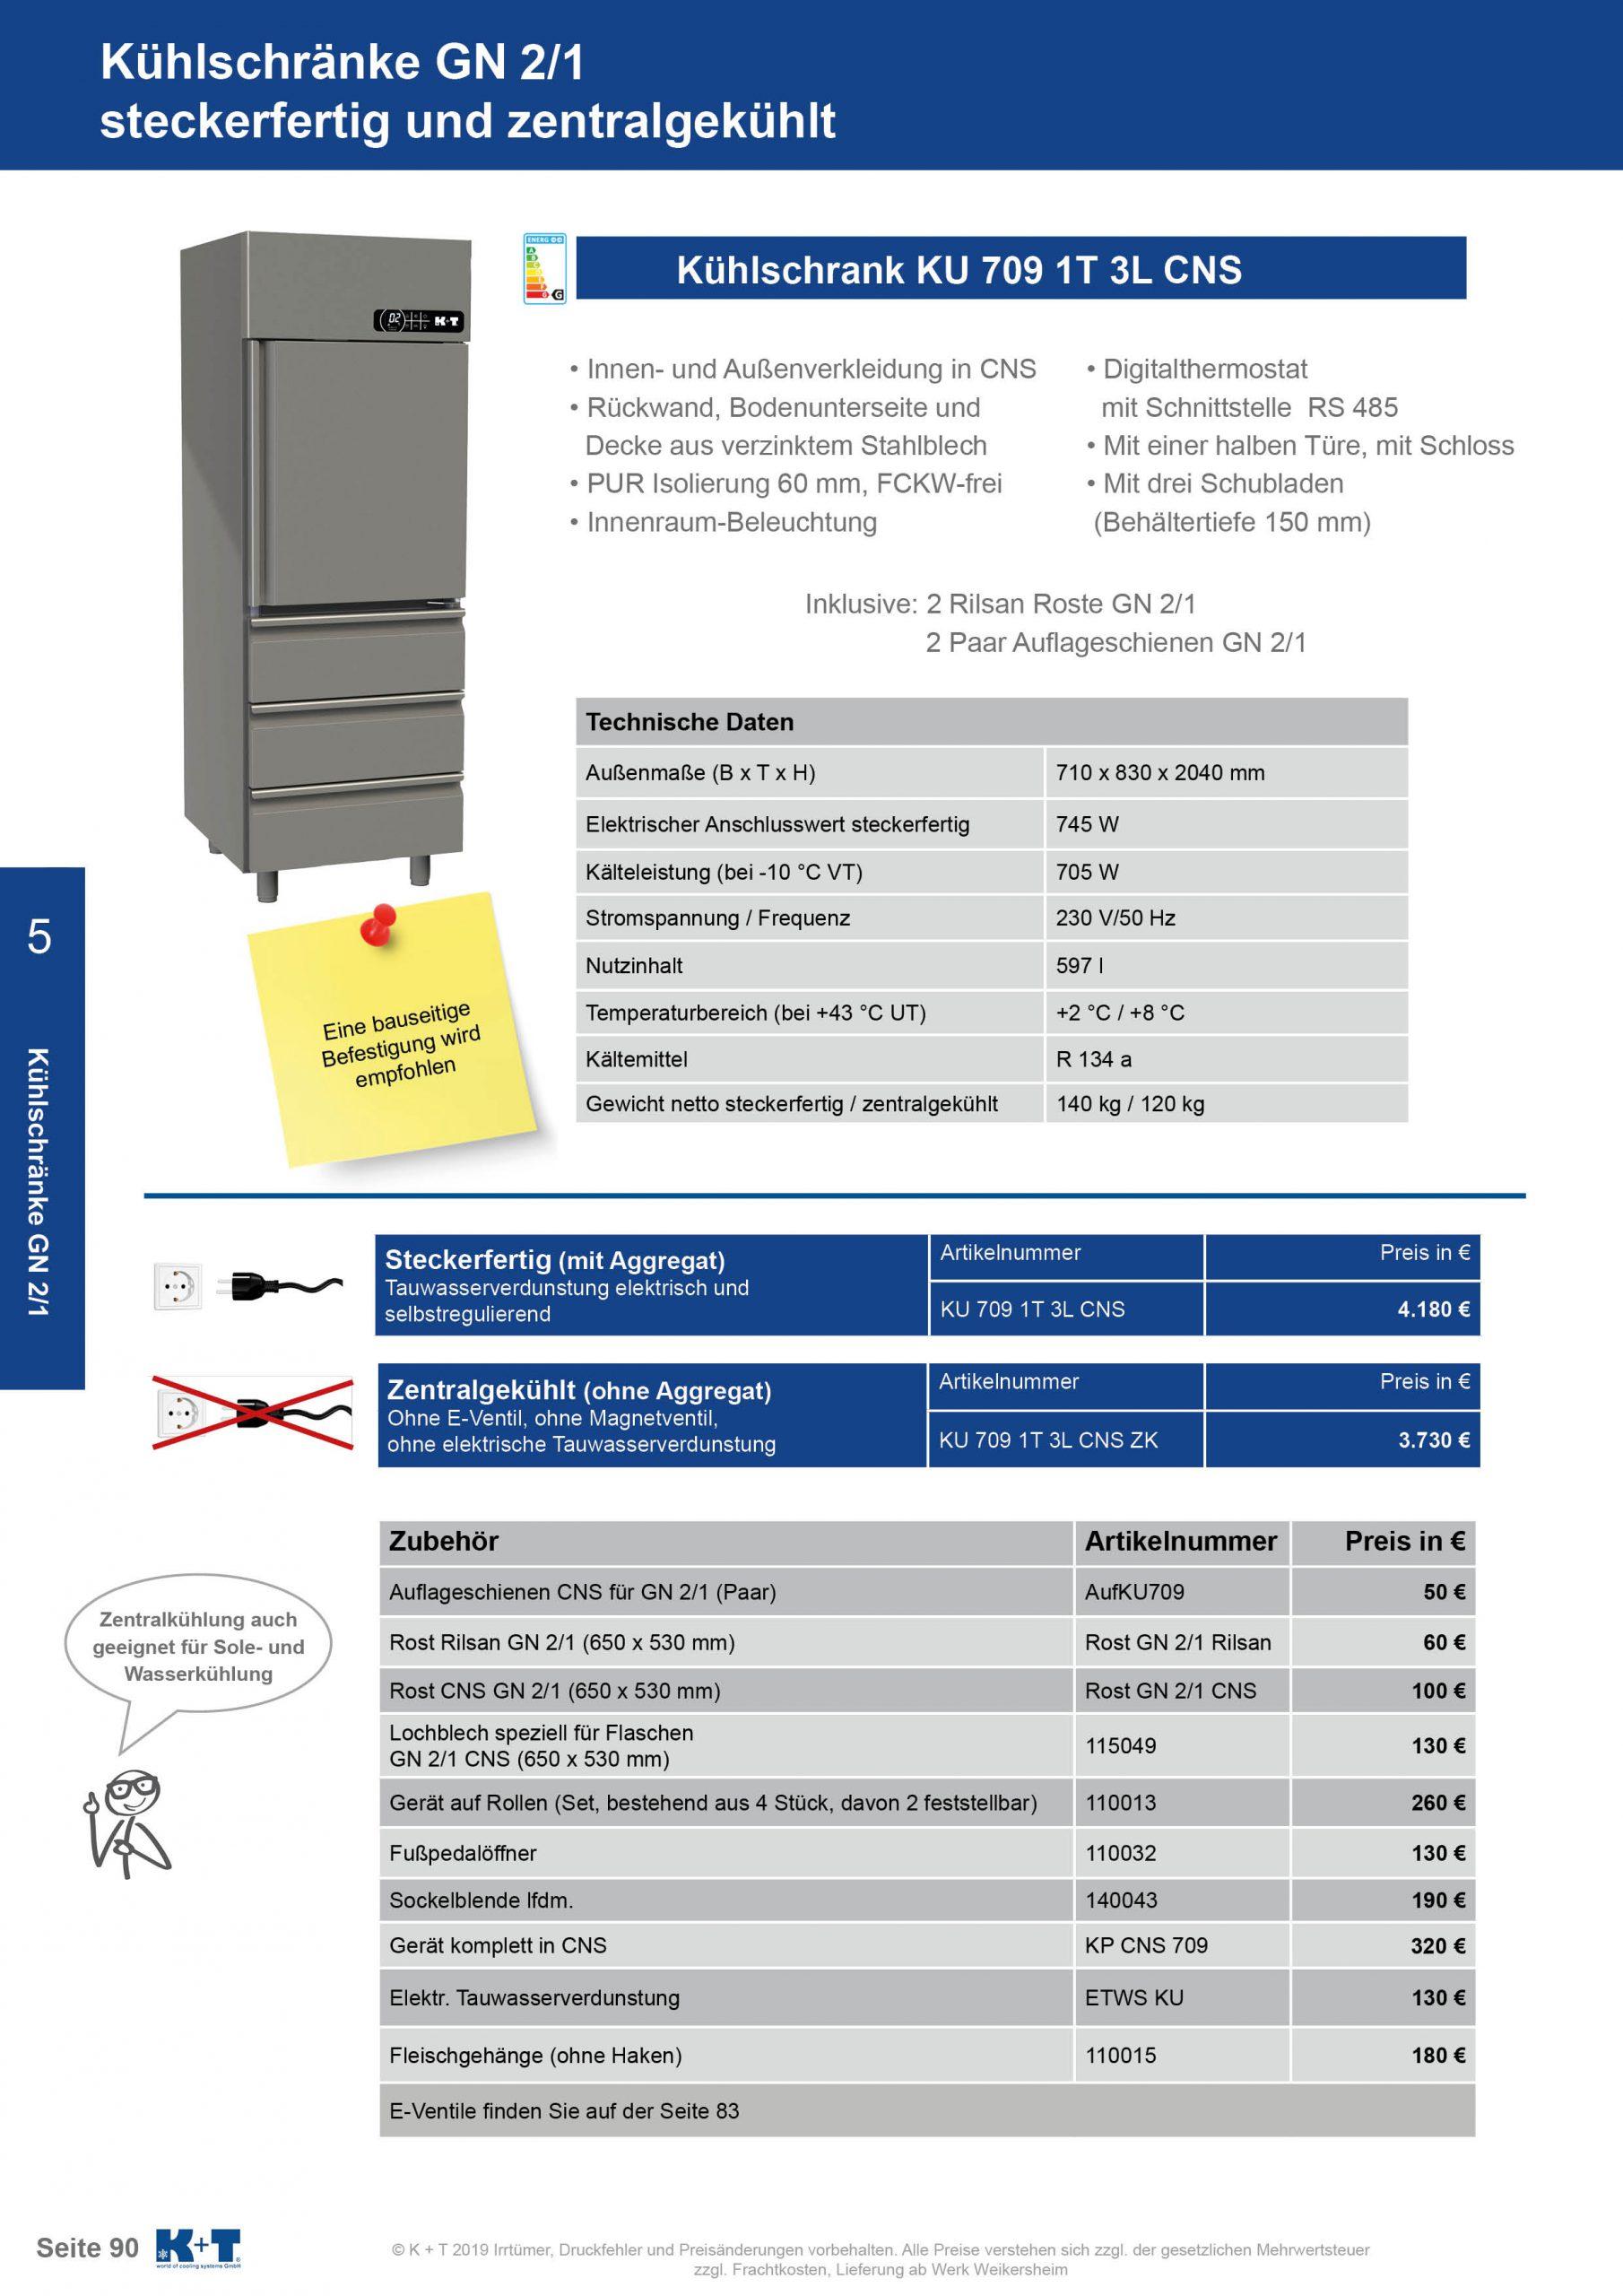 Kühlschränke GN 2_1 Kühlschrank mit ½ Tür und 3 Schubladen steckerfertig